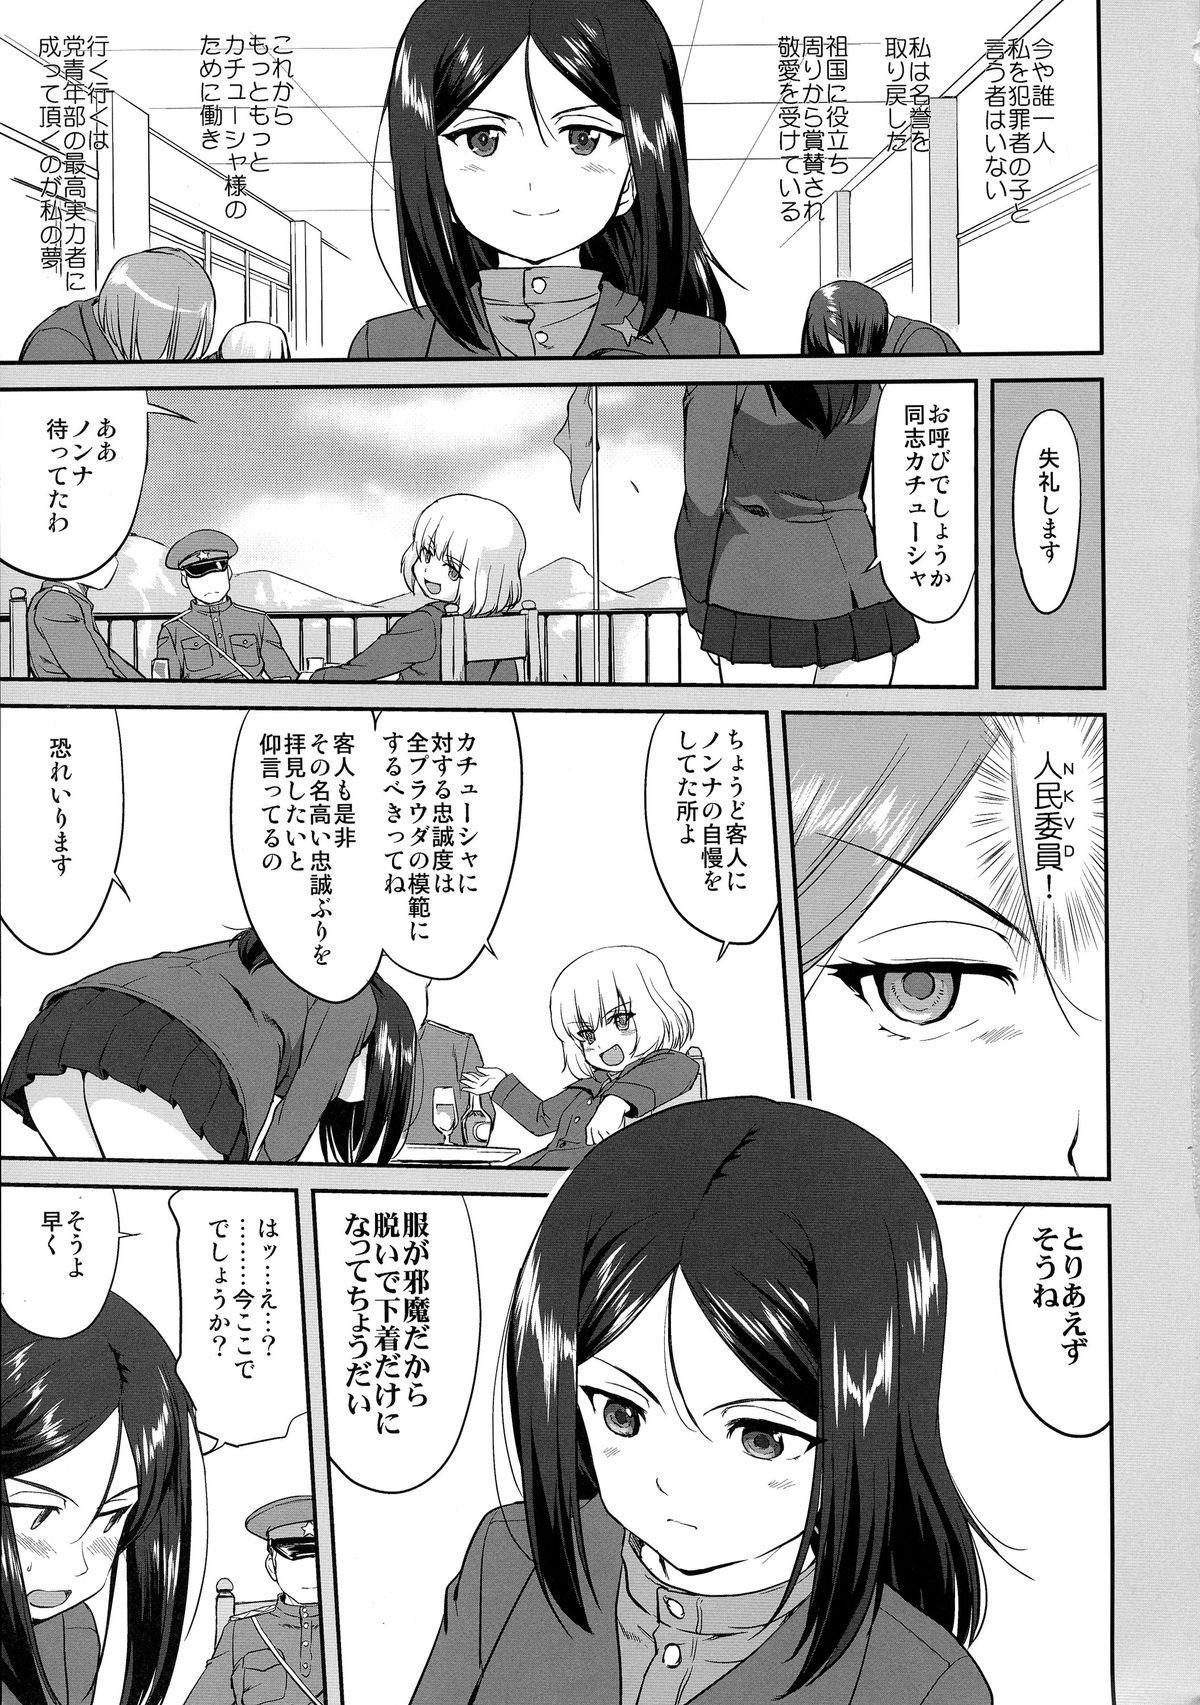 Yukiyukite Senshadou Battle of Pravda 8